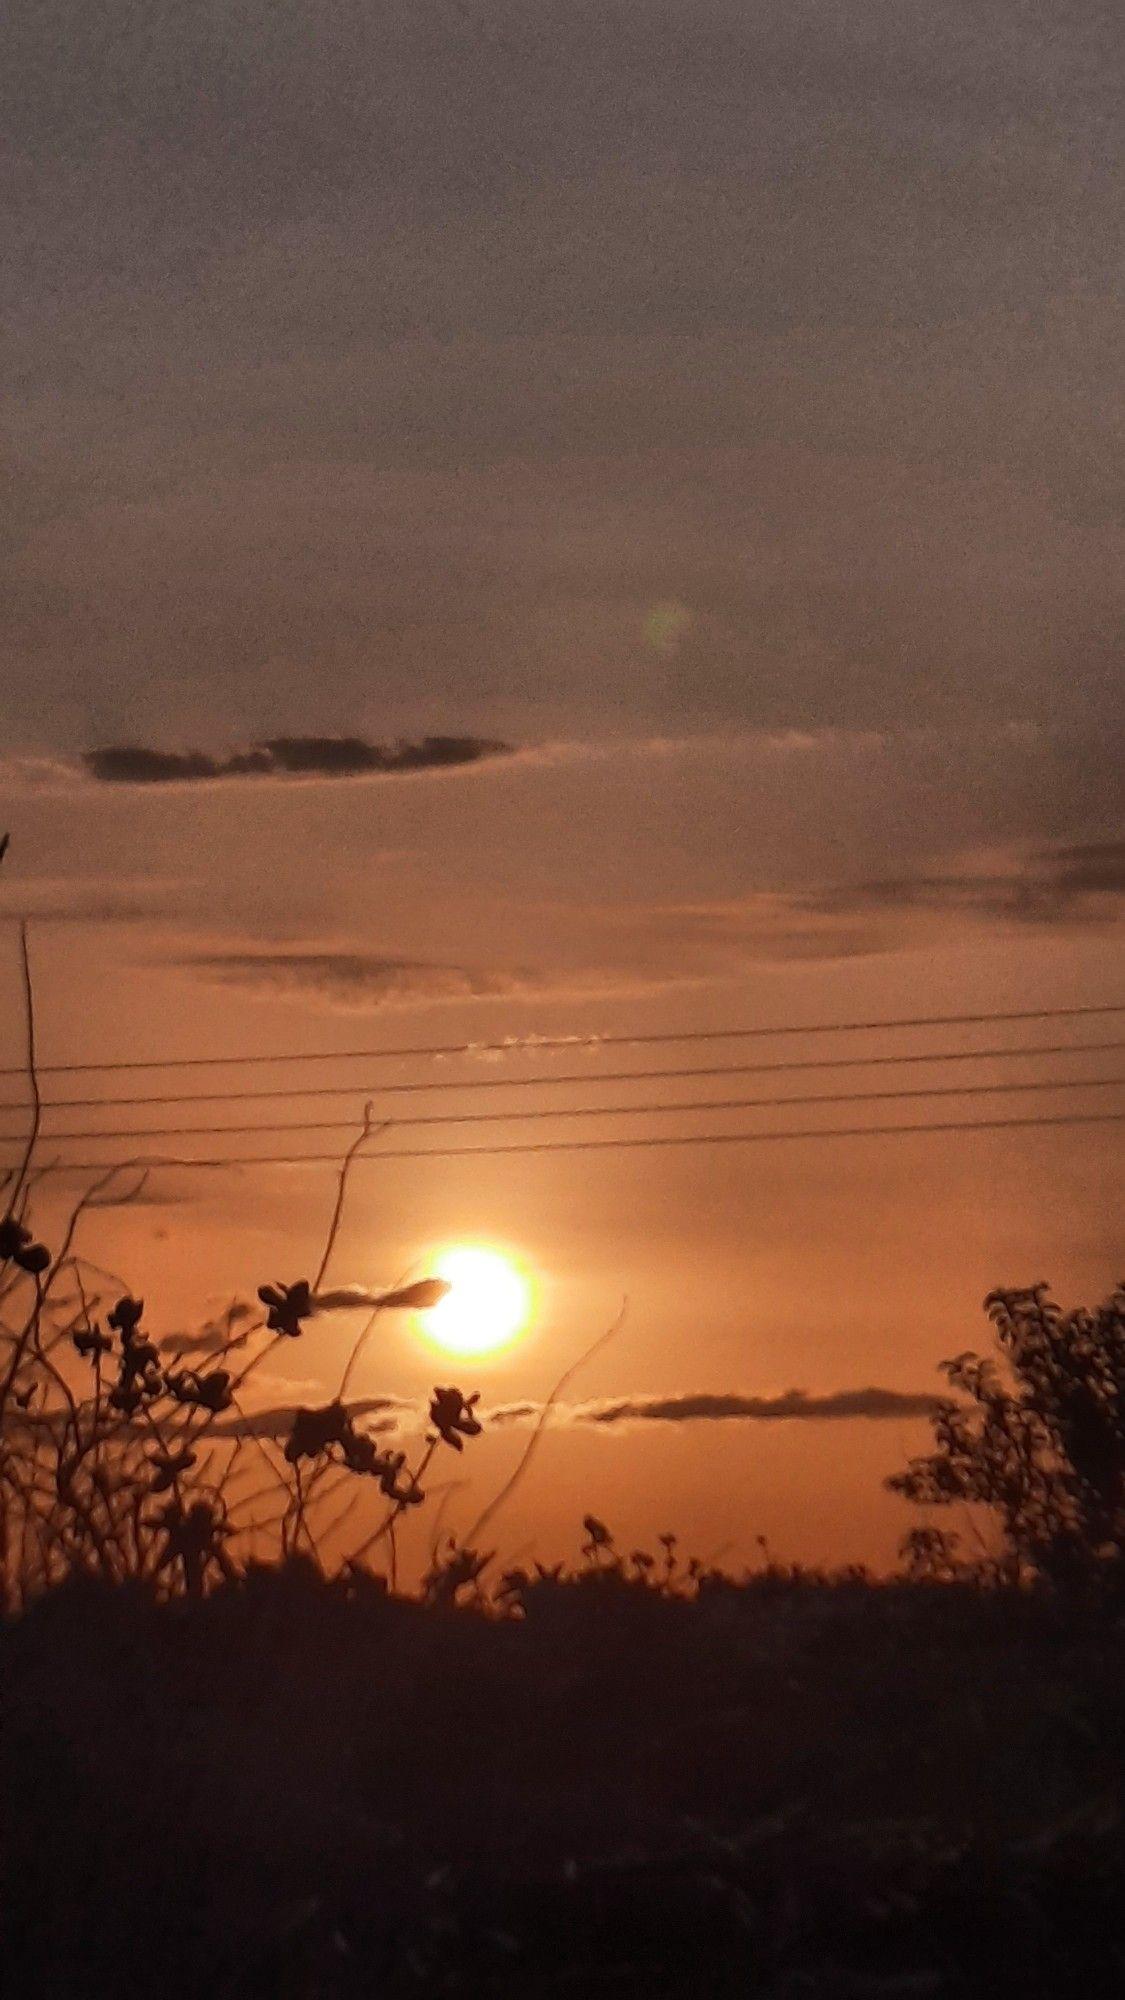 صور غروب الشمس الدبب Sunset Celestial Celestial Bodies